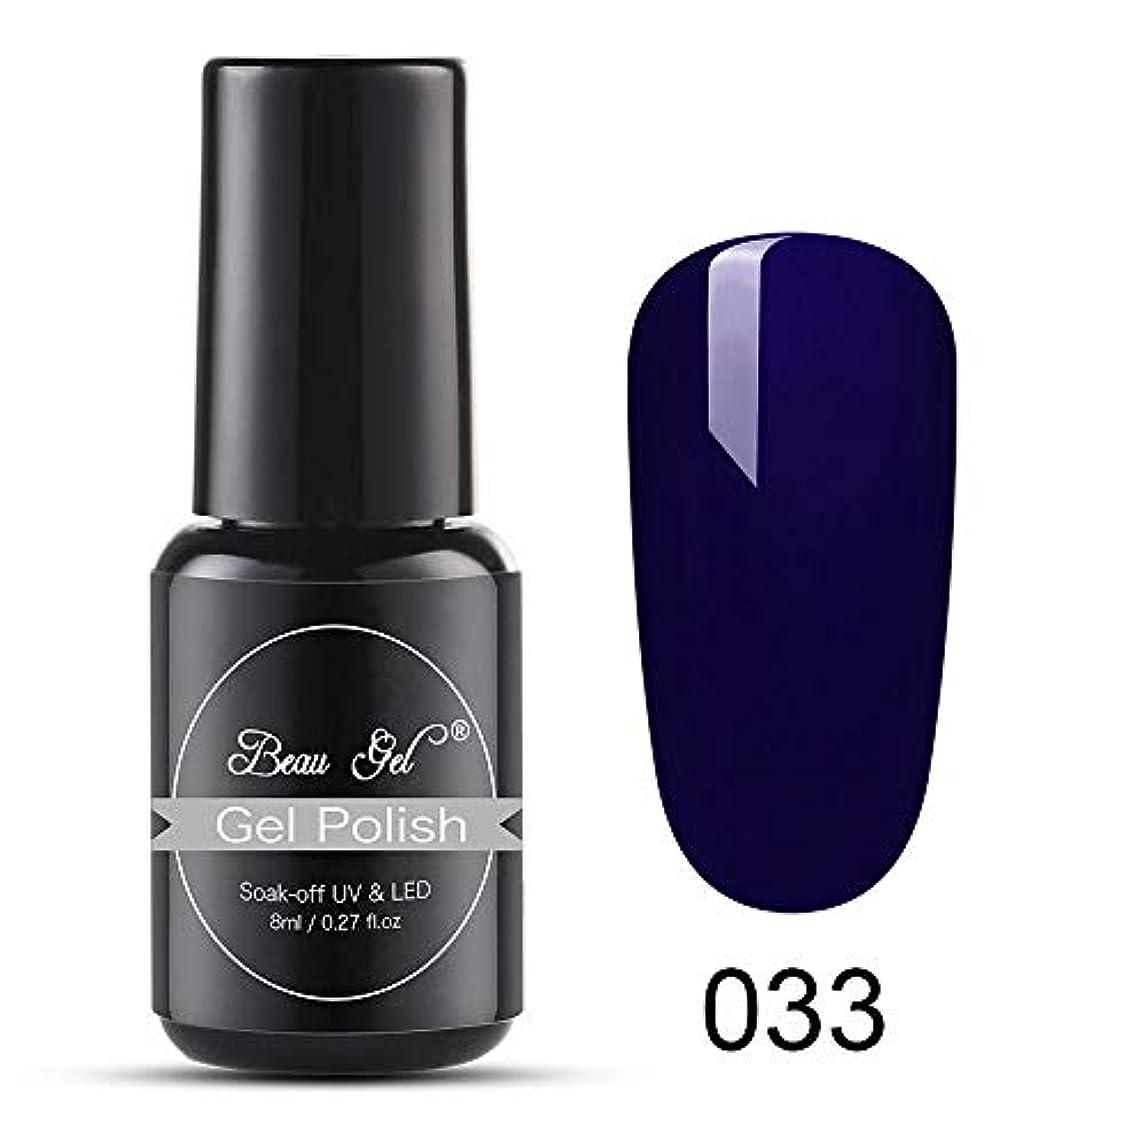 ランドリースキル一過性Beau gel ジェルネイル カラージェル 超長い蓋 塗りが便利 1色入り8ml-30033